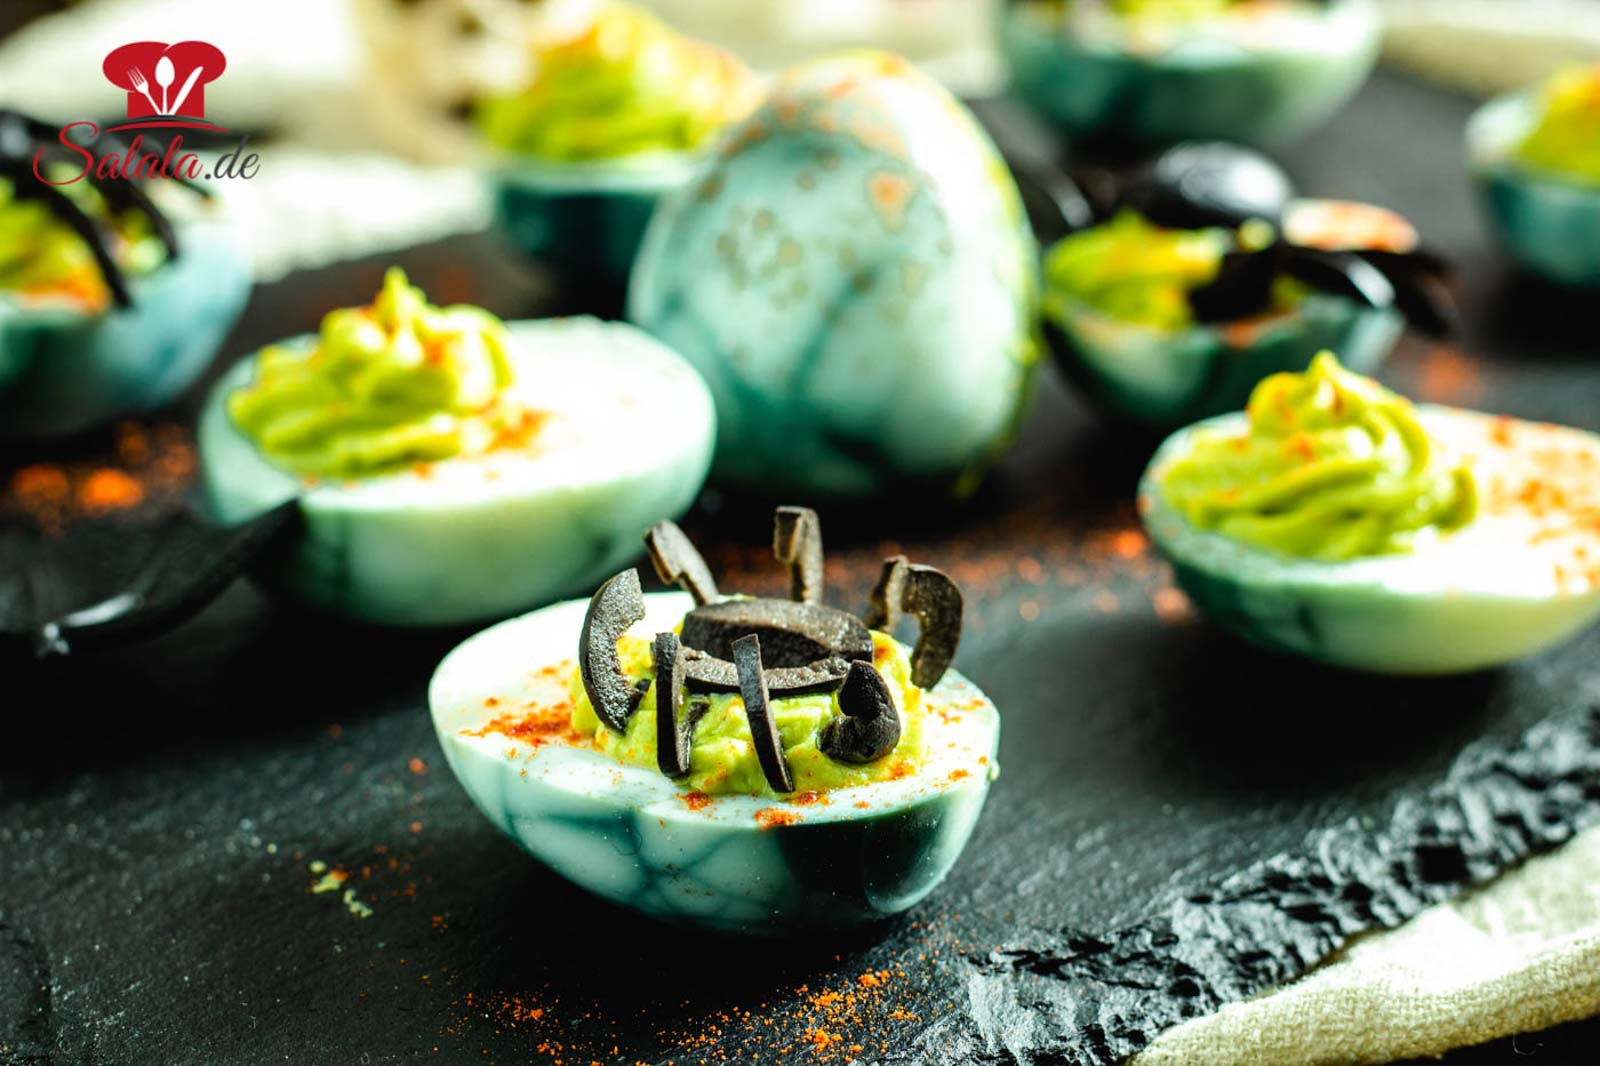 Du suchst gruseliges Fingerfood für deine Low Carb Halloween Party? Dann probier diese Spinneneier aus. Gefüllte Eier mit Wasabi und Oliven als Spinnen. Creepy oder? Das Rezept für die Eier ist ein Muss, wenn du gerade die nächste Party planst. #HalloweenRezepte #HalloweenSnacks #GefuellteEierLowCarb #LowCarbHalloweenPartyFood